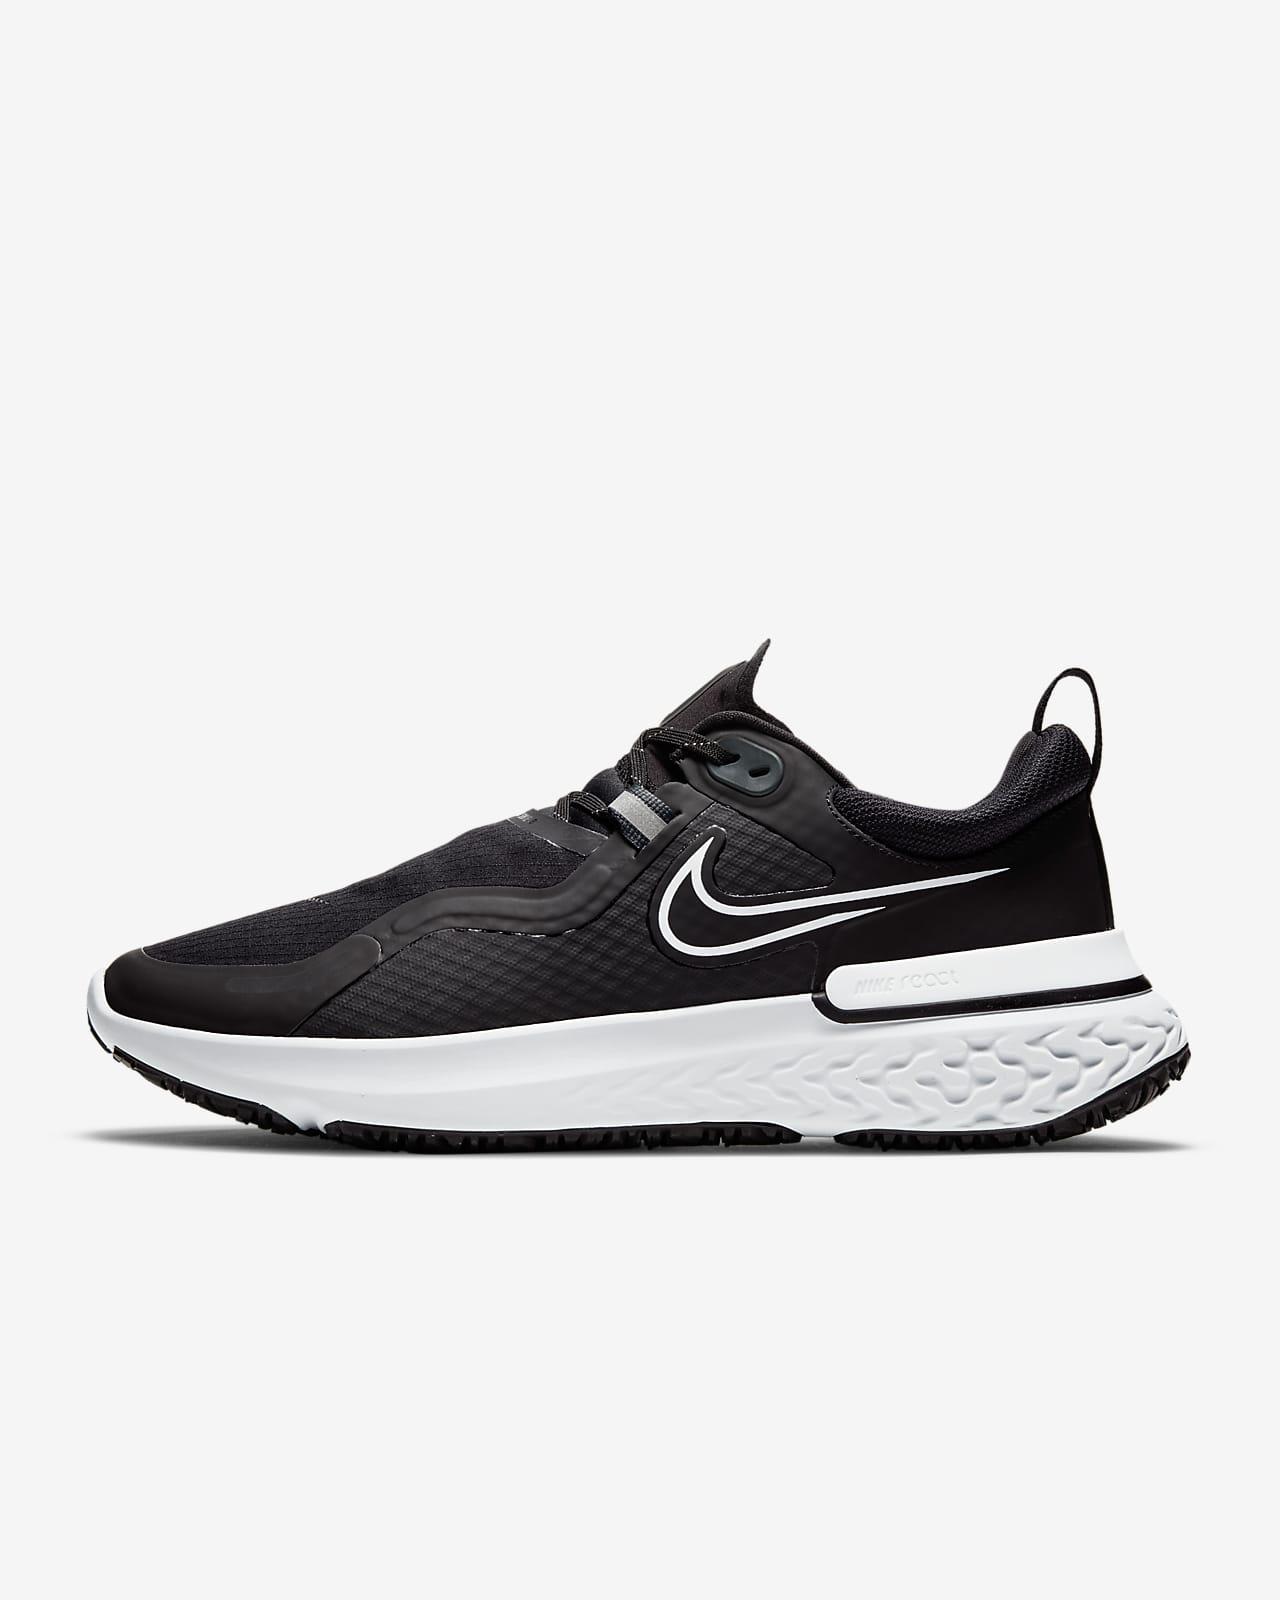 Мужские беговые кроссовки Nike React Miler Shield